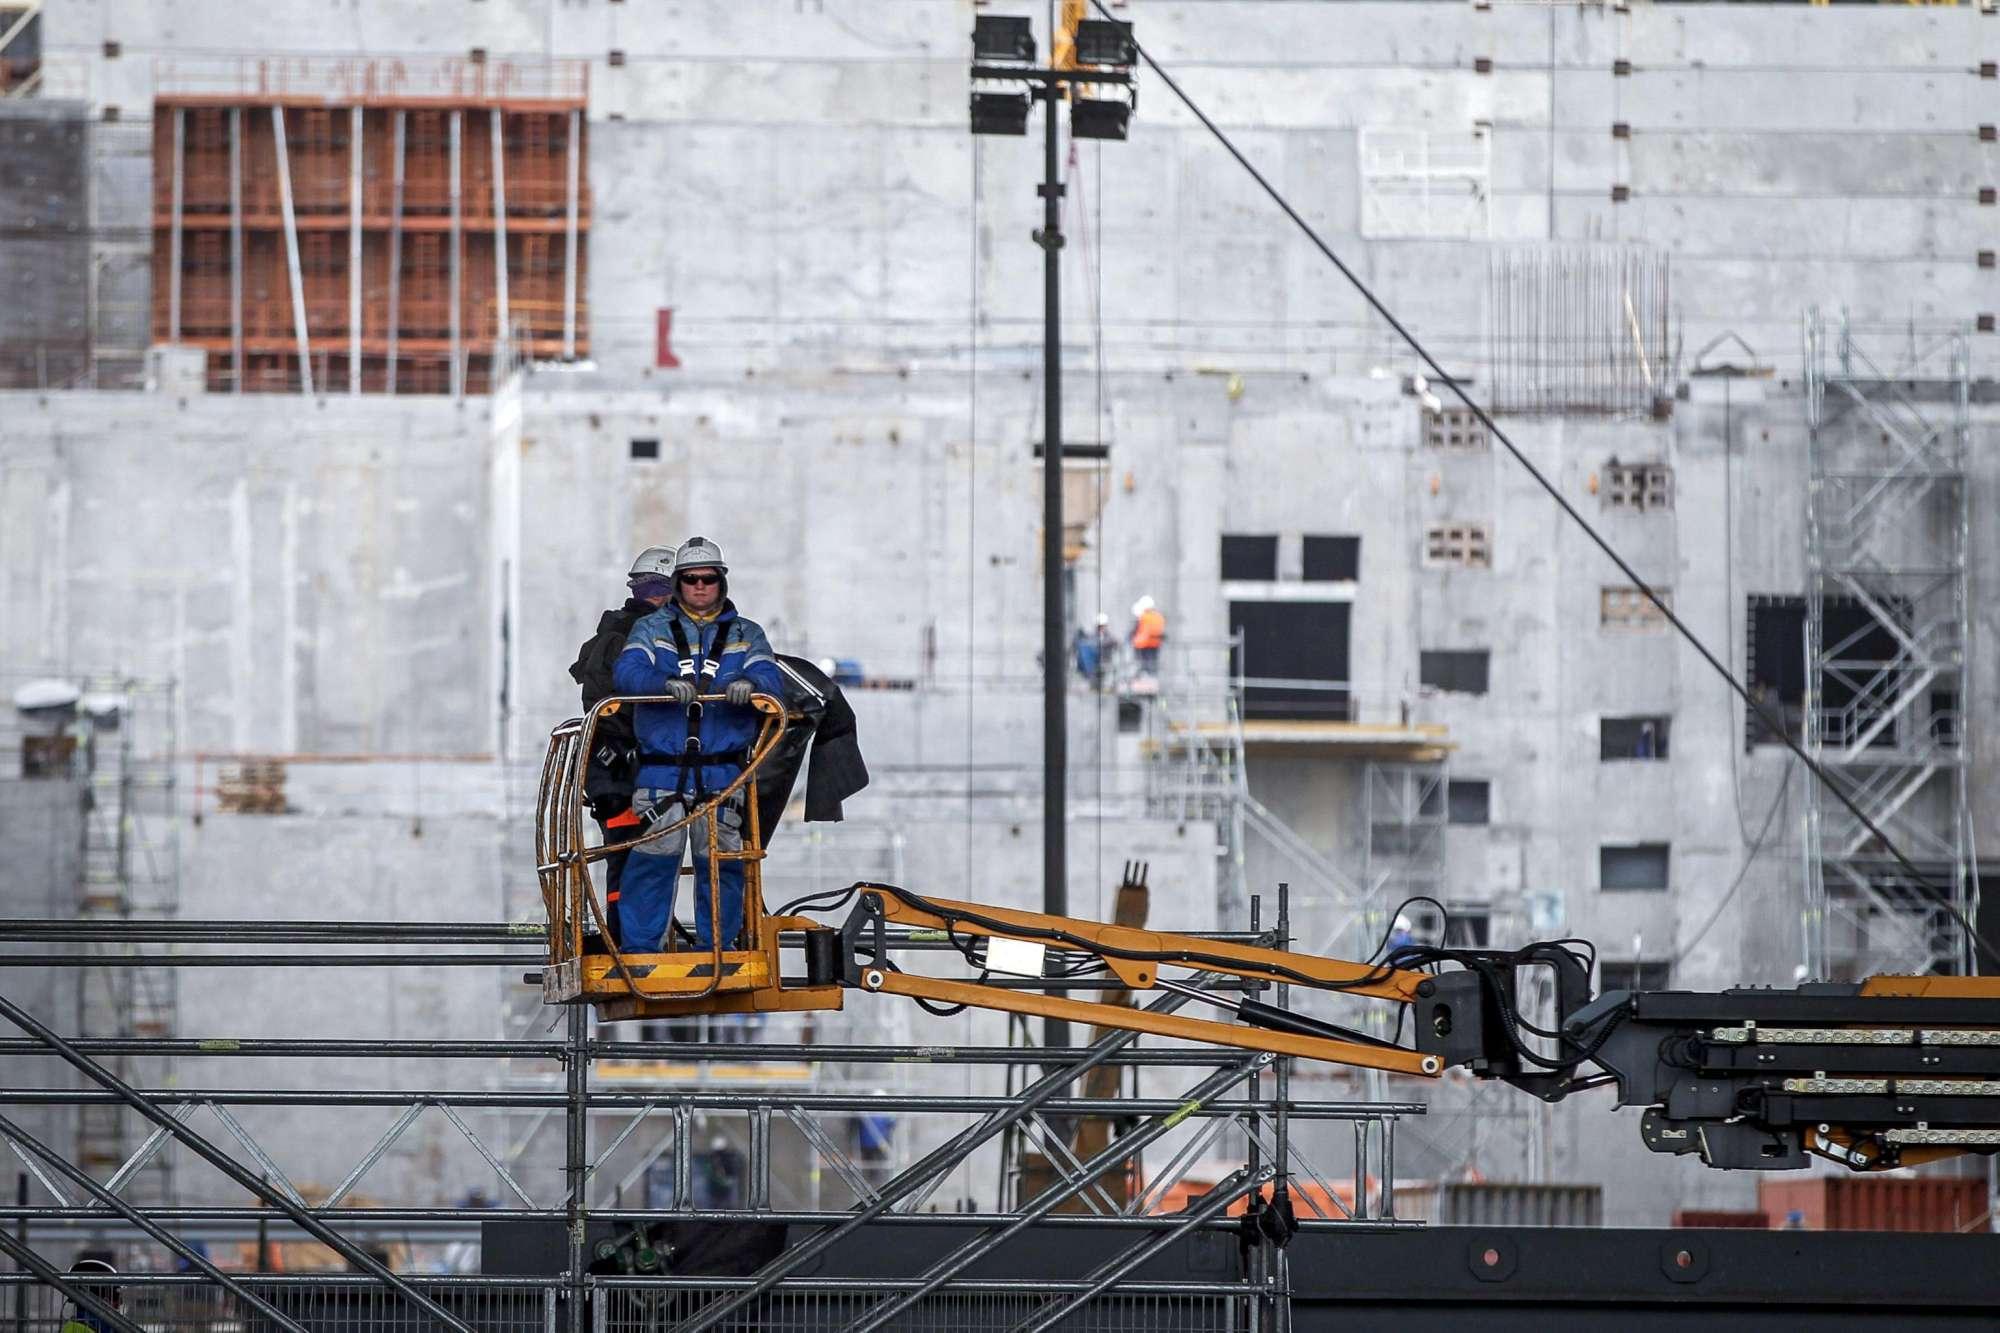 Chernobyl oggi: lavoratori all opera per la sicurezza della centrale nucleare